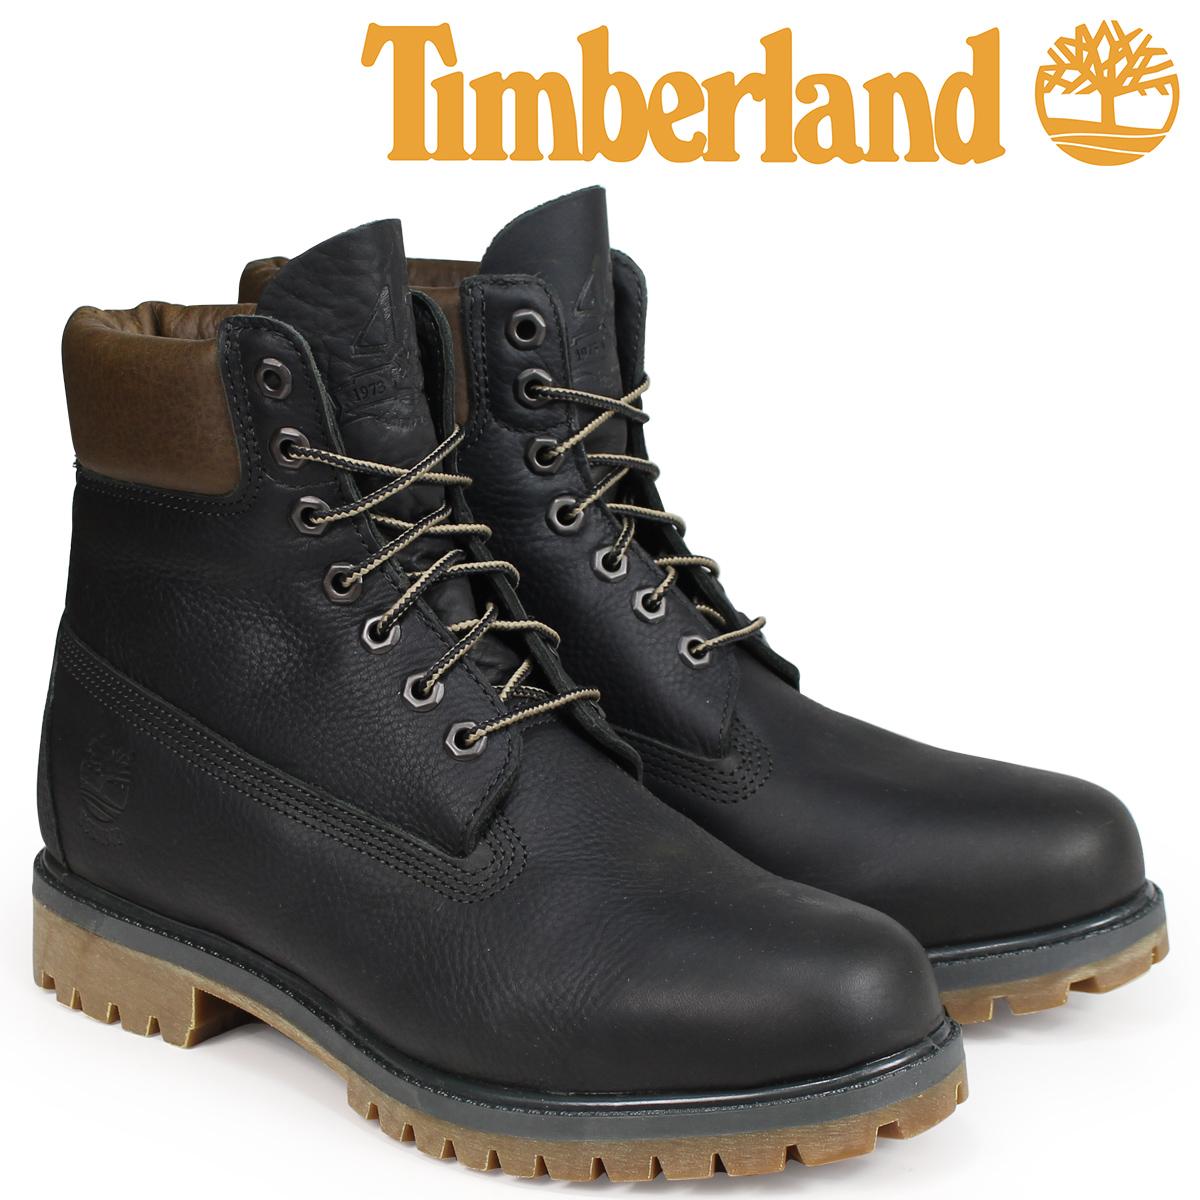 ティンバーランド Timberland ブーツ メンズ 6インチ HERITAGE 6-INCH PREMIUM BOOTS A1R1A Wワイズ ダークグレー